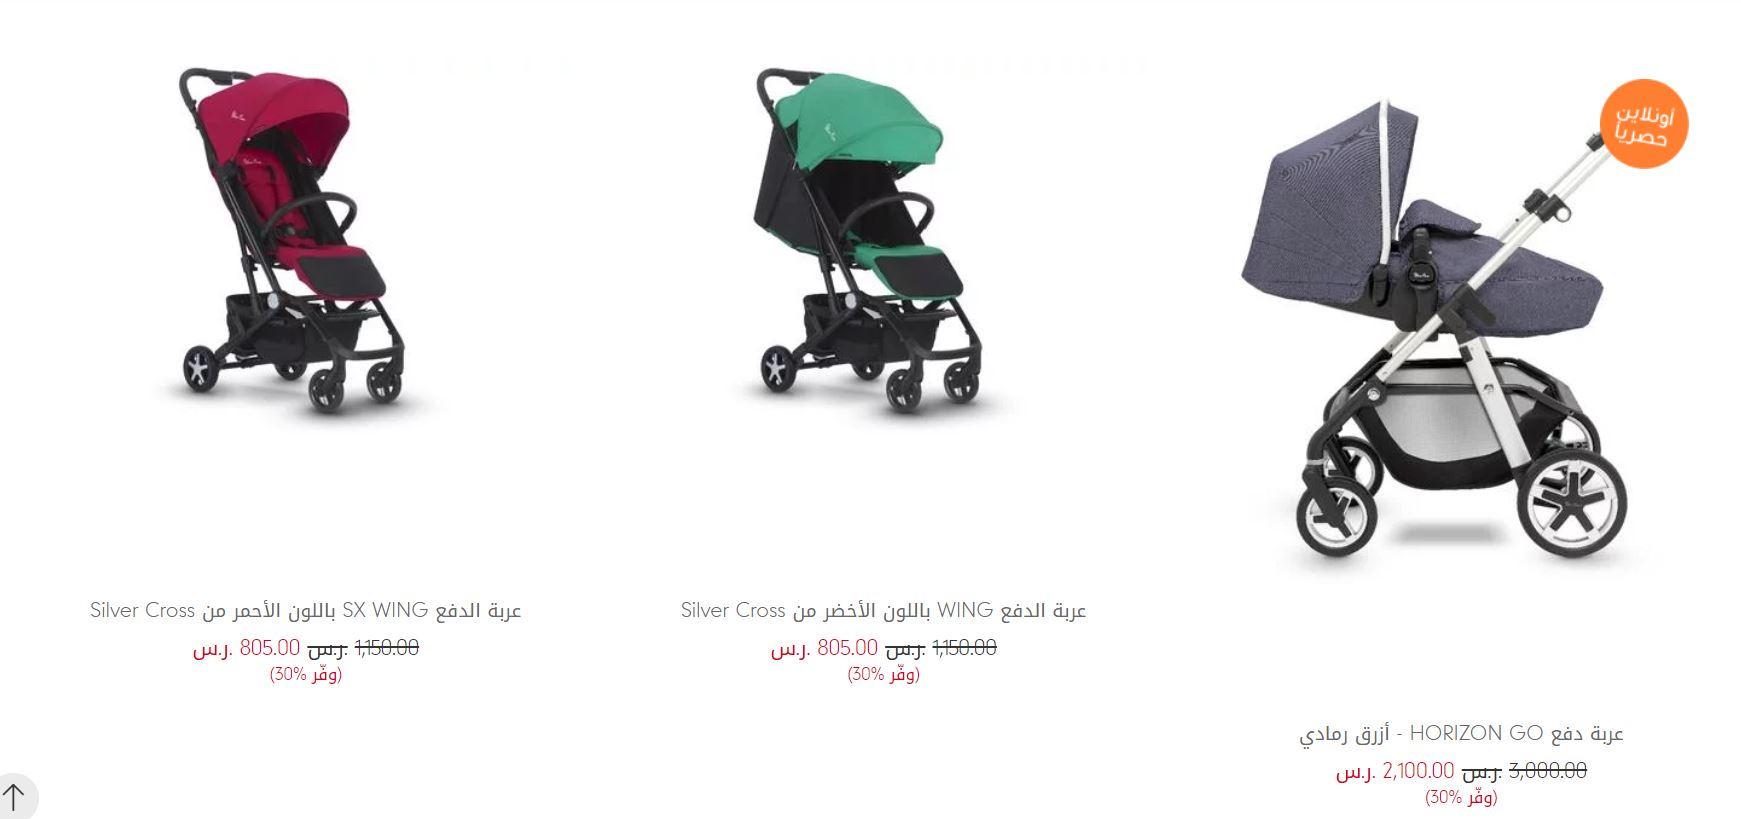 عربات اطفال mothercare السعوديه سيلفر كروس